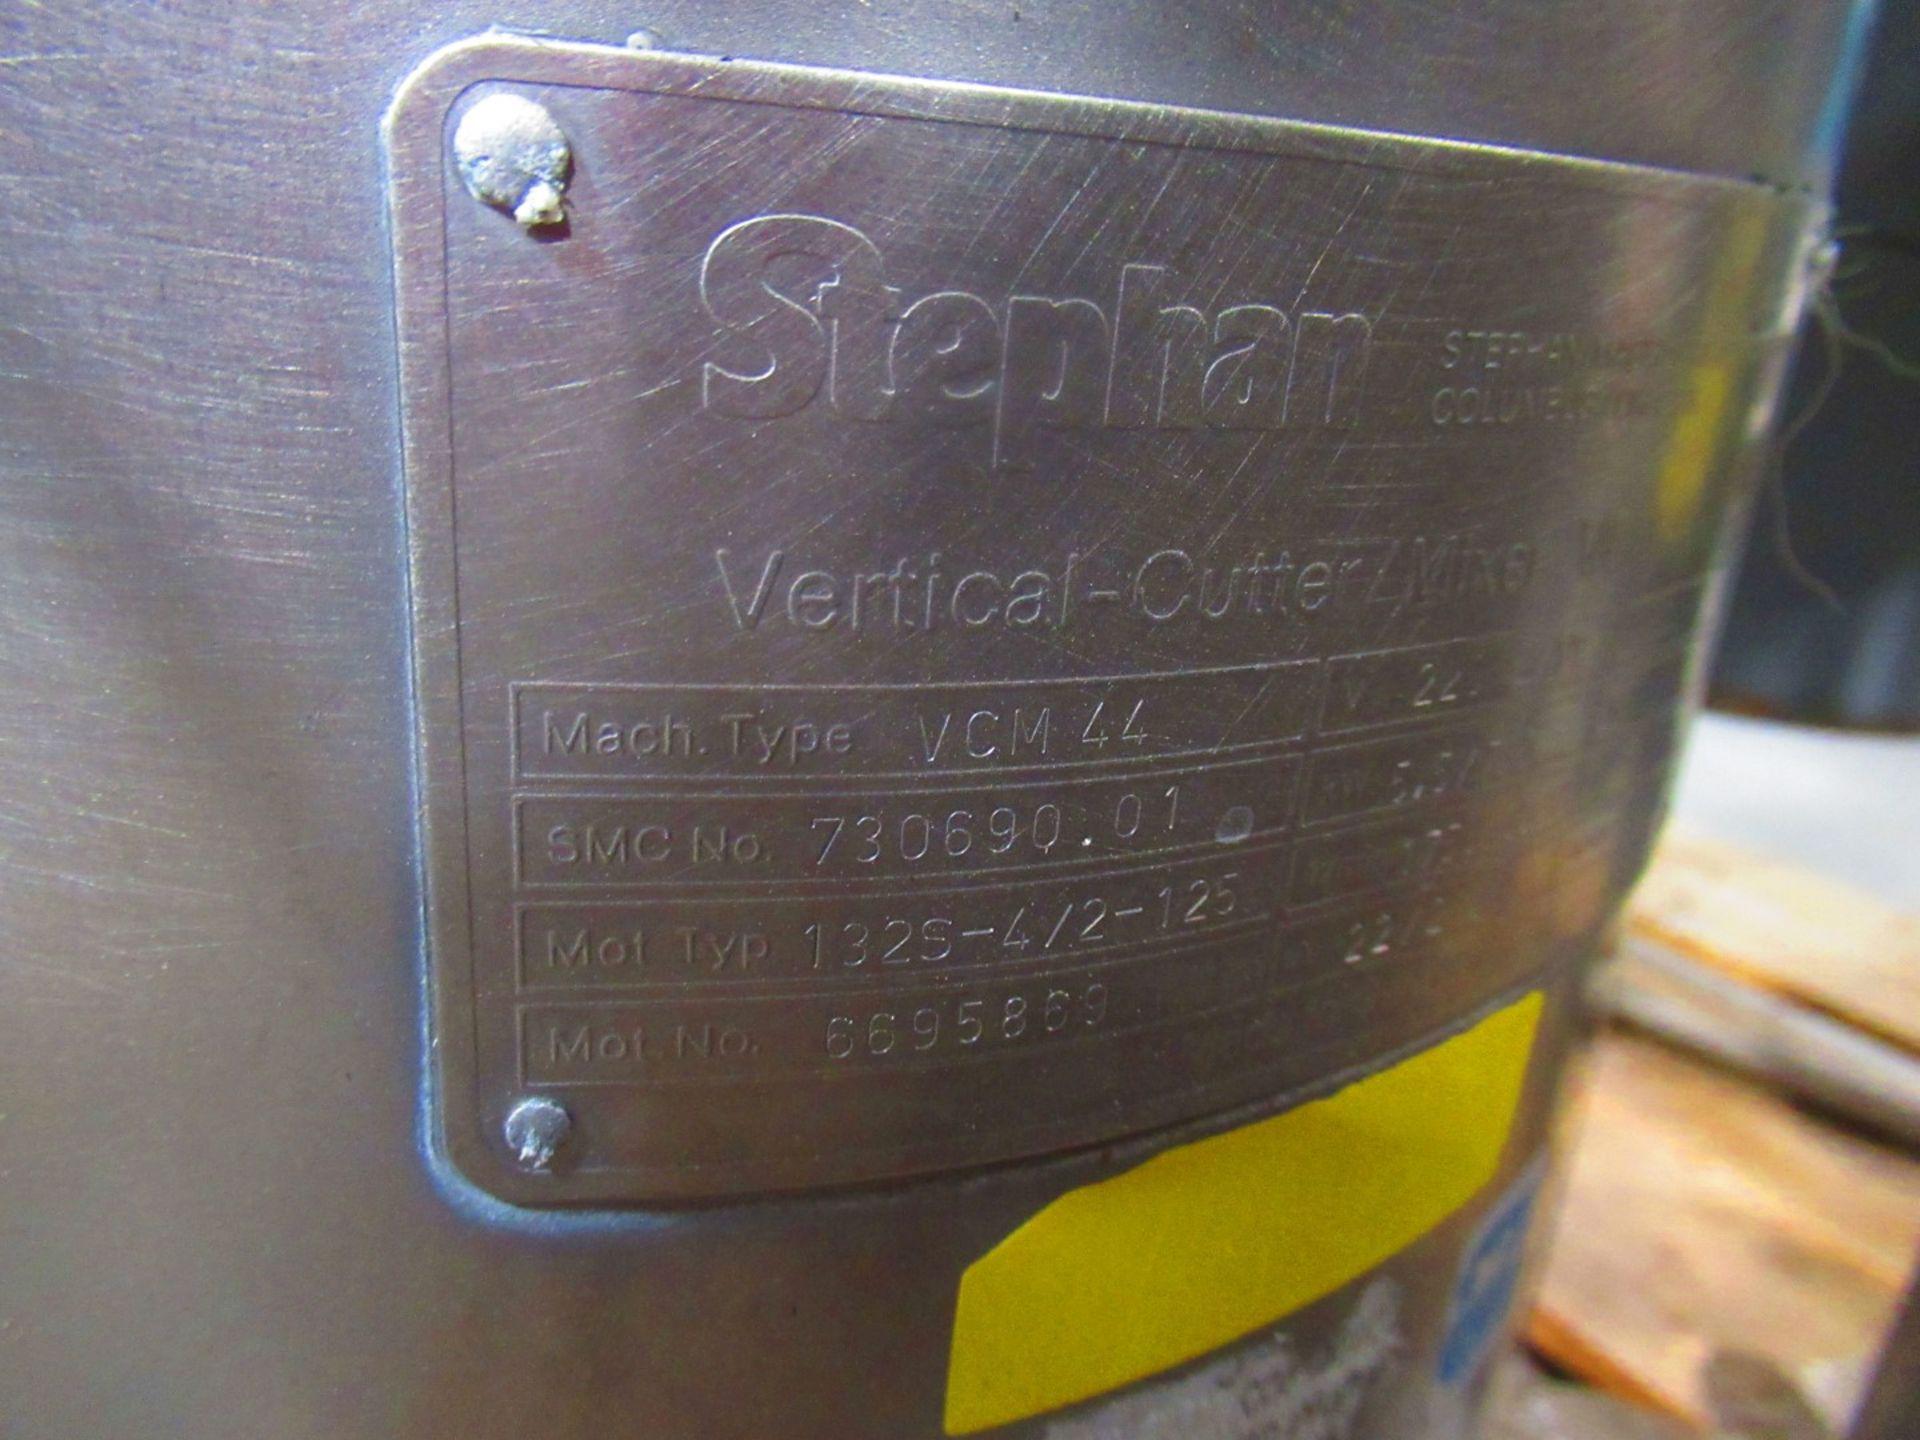 Vertical Cutter/mixer - Image 5 of 5